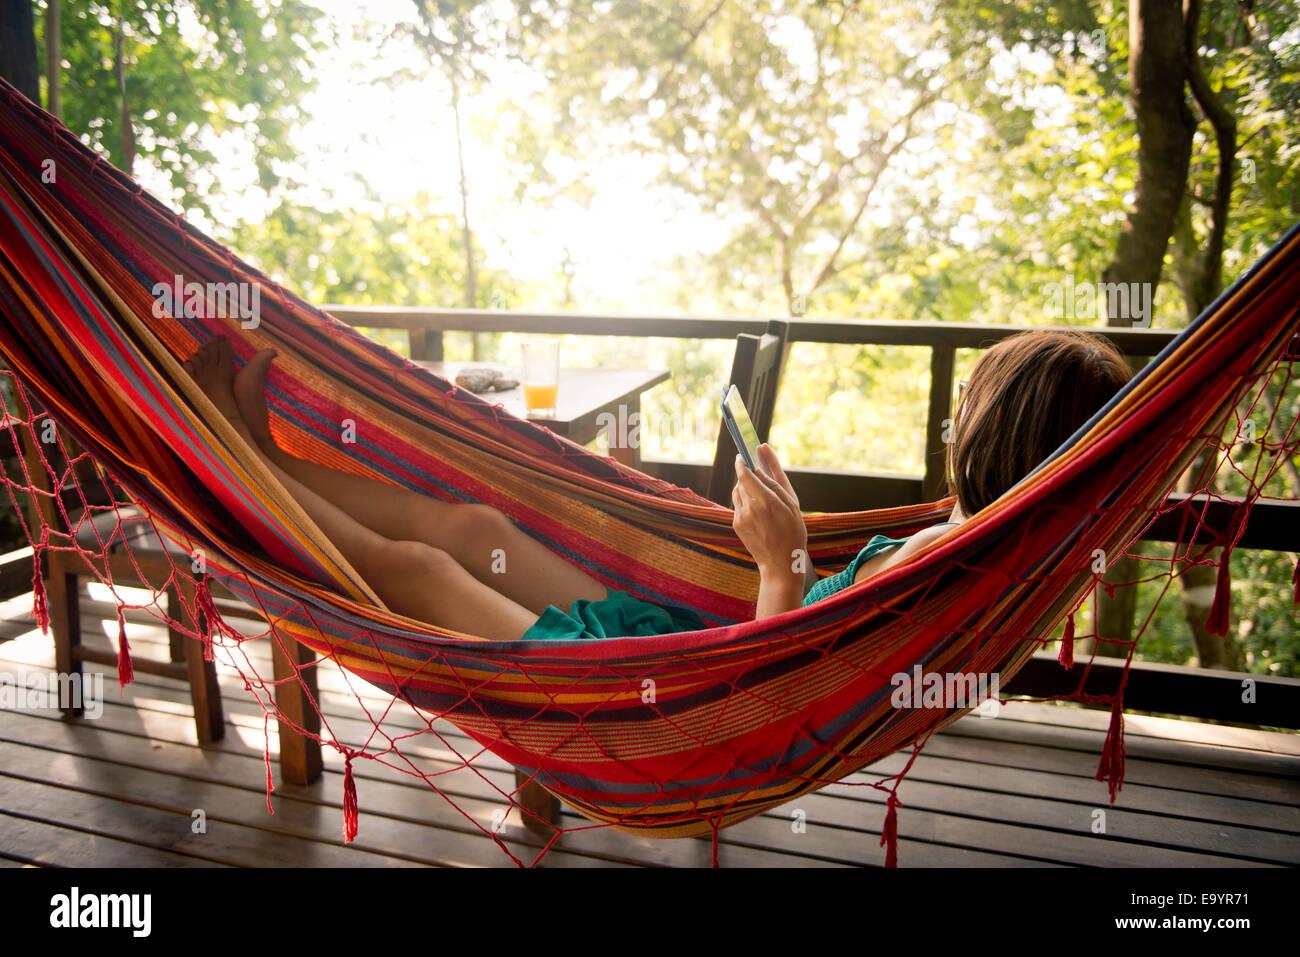 Una mujer descansando en una hamaca. Montezuma, Costa Rica Imagen De Stock